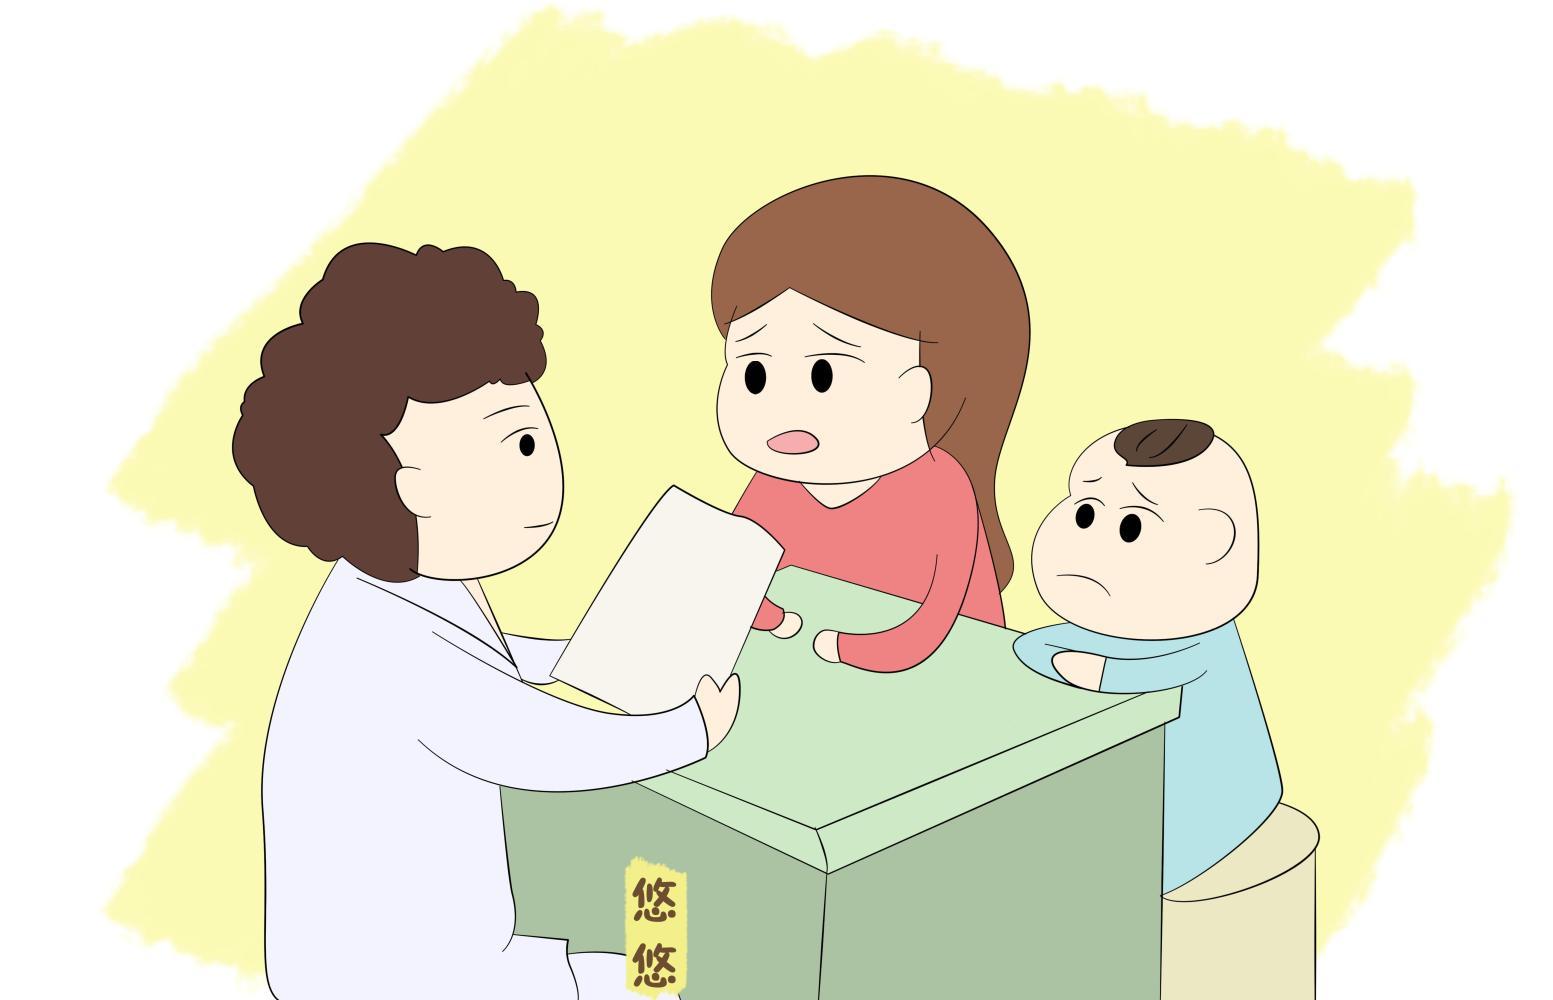 宝宝打疫苗后, 有不良反应怎么办? 早了解做到心中有数